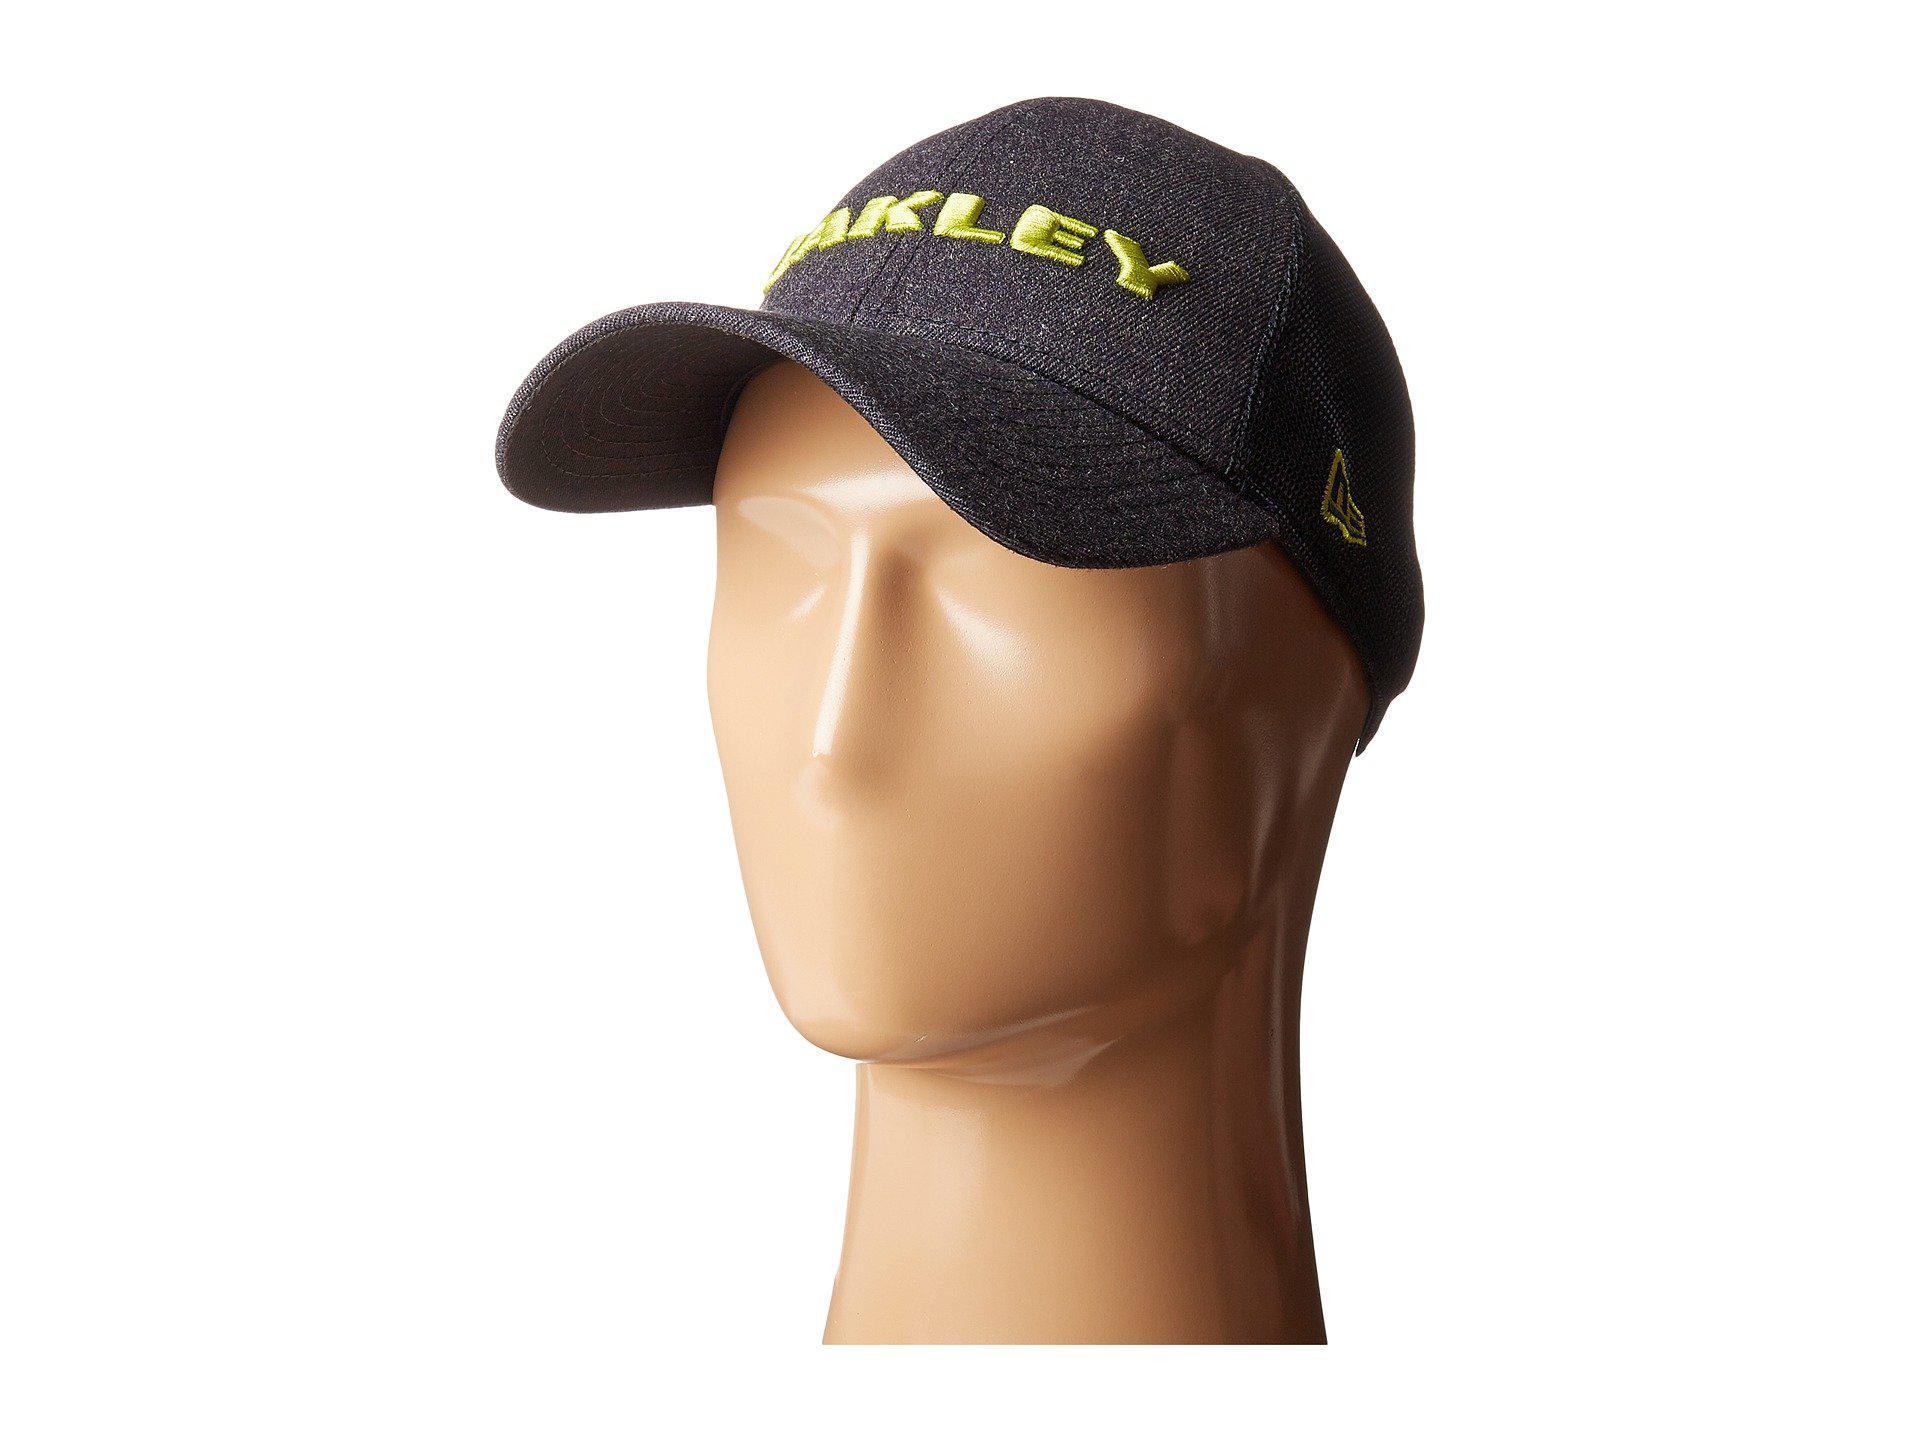 Lyst - Oakley Heather New Era Snapback Hat in Blue for Men cbe049fc5cfc